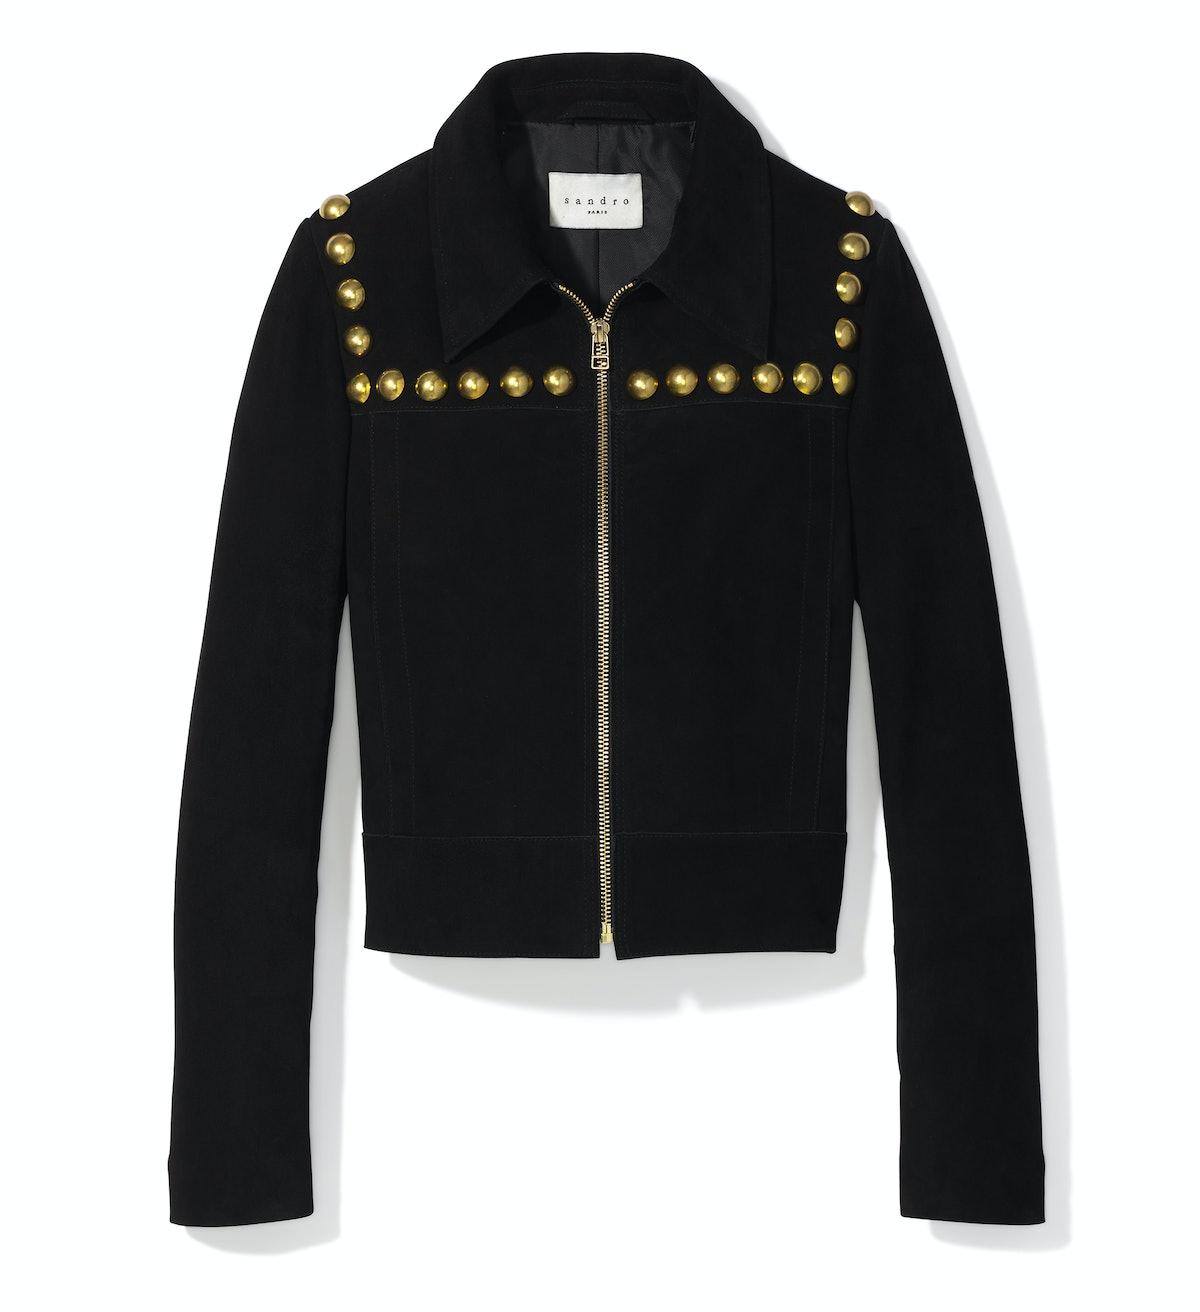 Sandro jacket